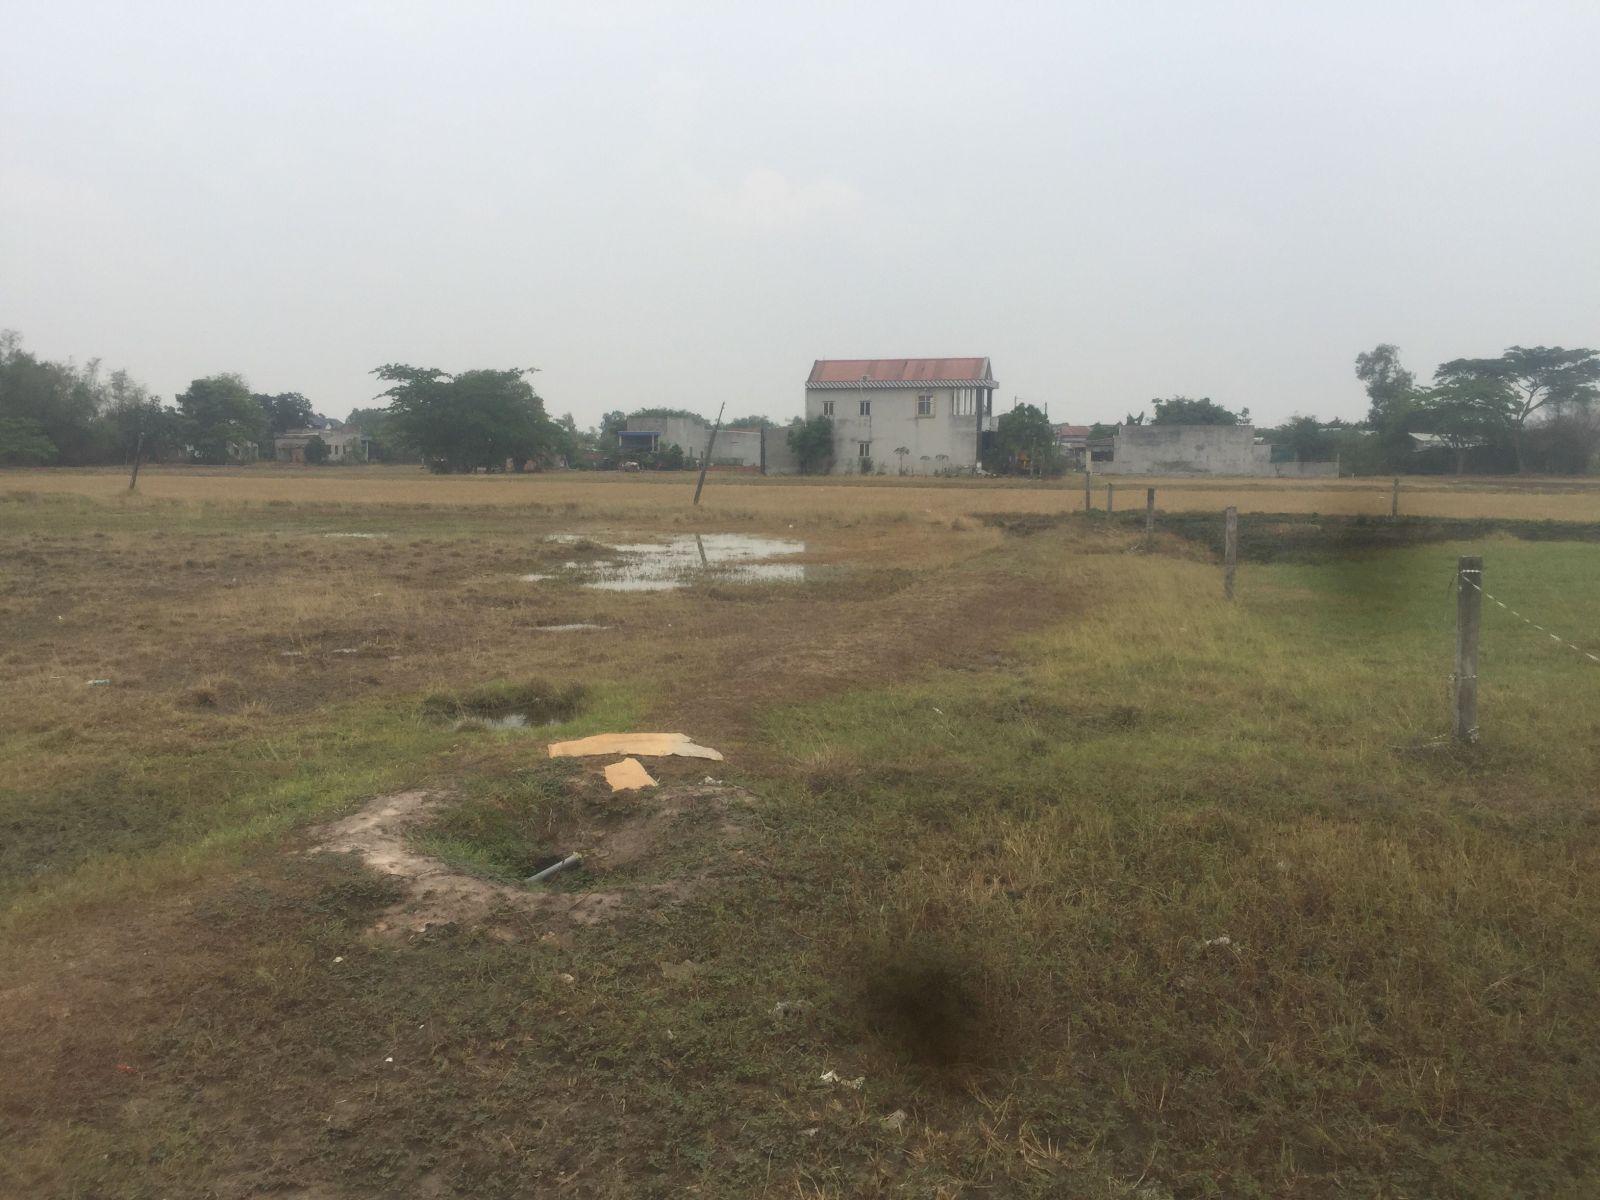 """Dự án Khu dân cư Thương Mại của Công ty Cổ phần  Xây dựng Nghĩa Phát tại xã Mỹ Hạnh Nam, huyện Đức Hòa """"treo"""", ảnh hưởng đến đời sống người dân suốt hơn 3 năm qua"""